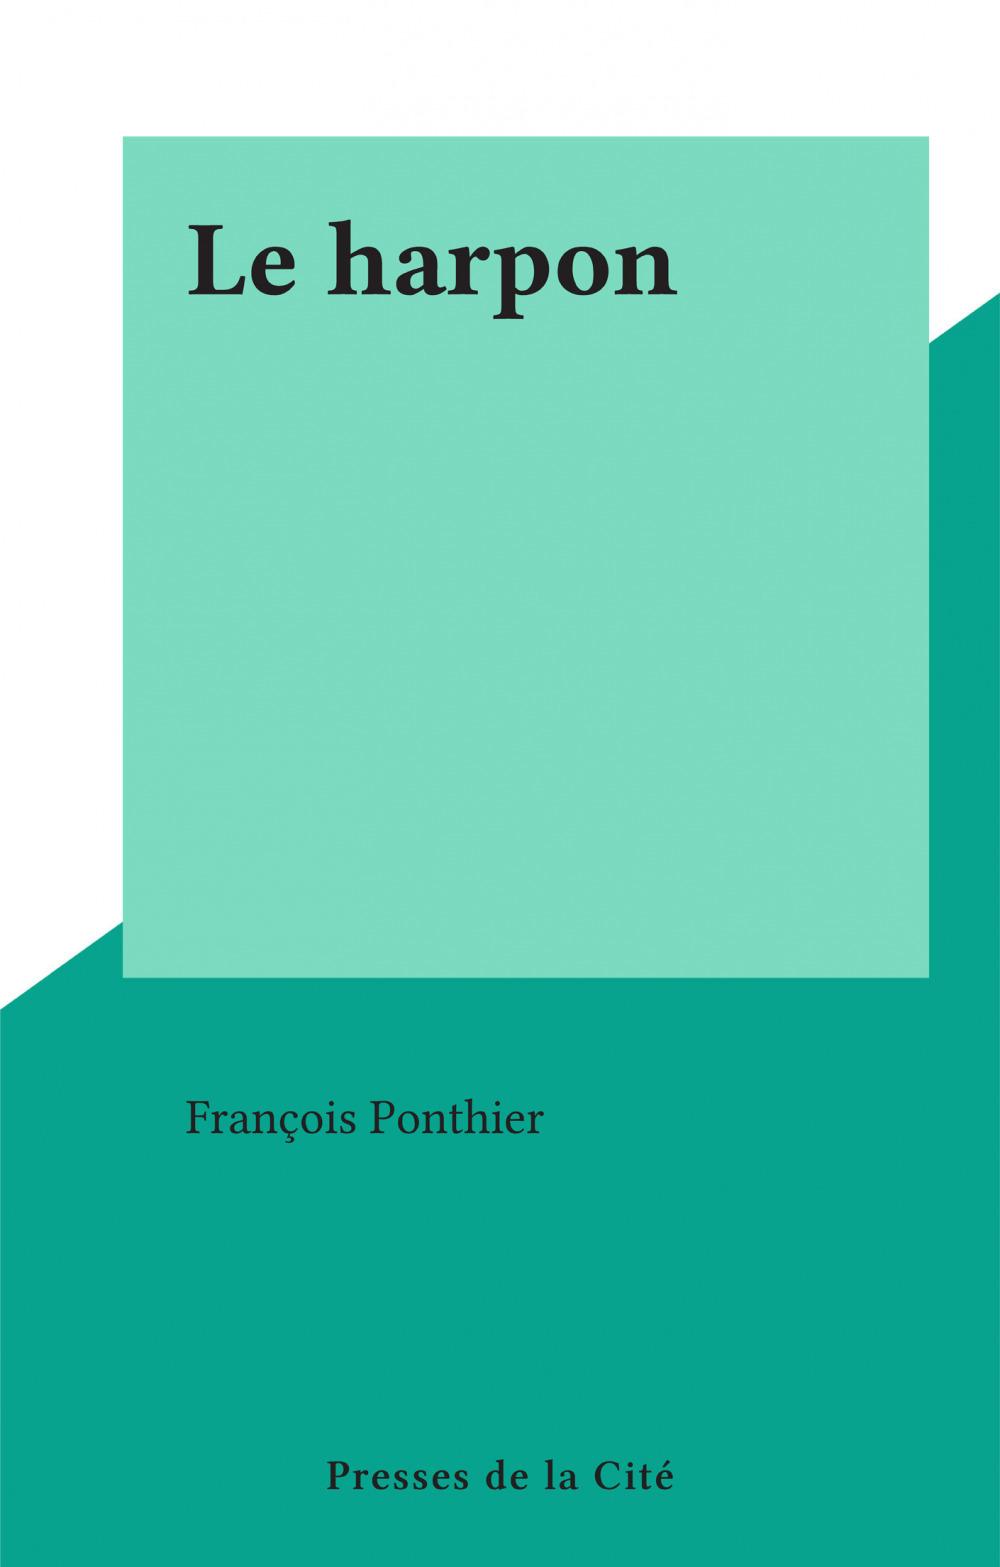 Le harpon  - François Ponthier